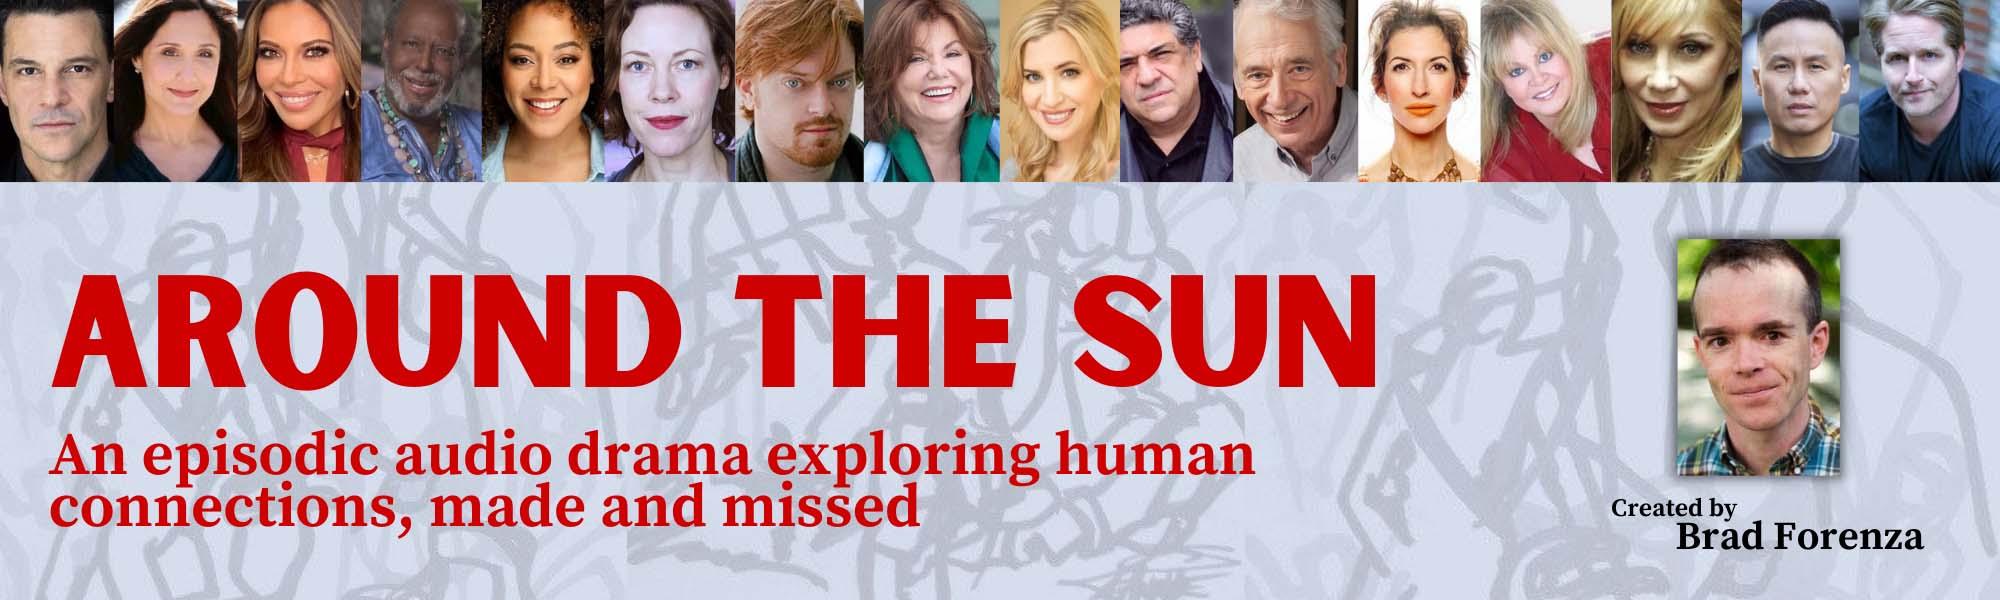 Around the Sun - banner